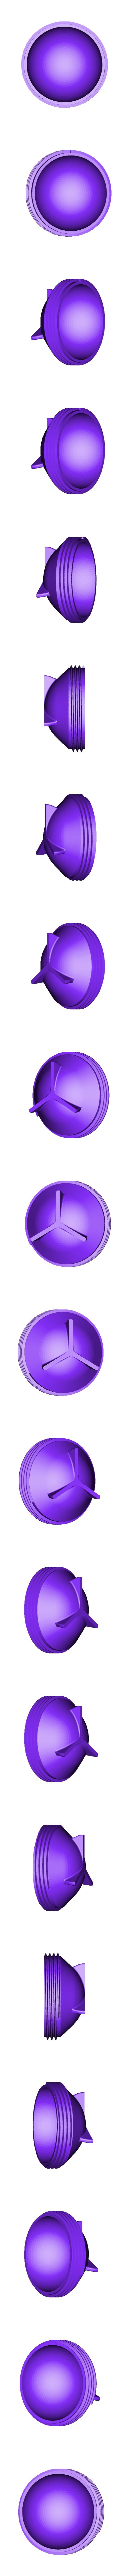 EasterEggMold_Bottom.stl Télécharger fichier STL gratuit Moisissure de glace aux oeufs de Pâques • Design pour impression 3D, ernestwallon3D